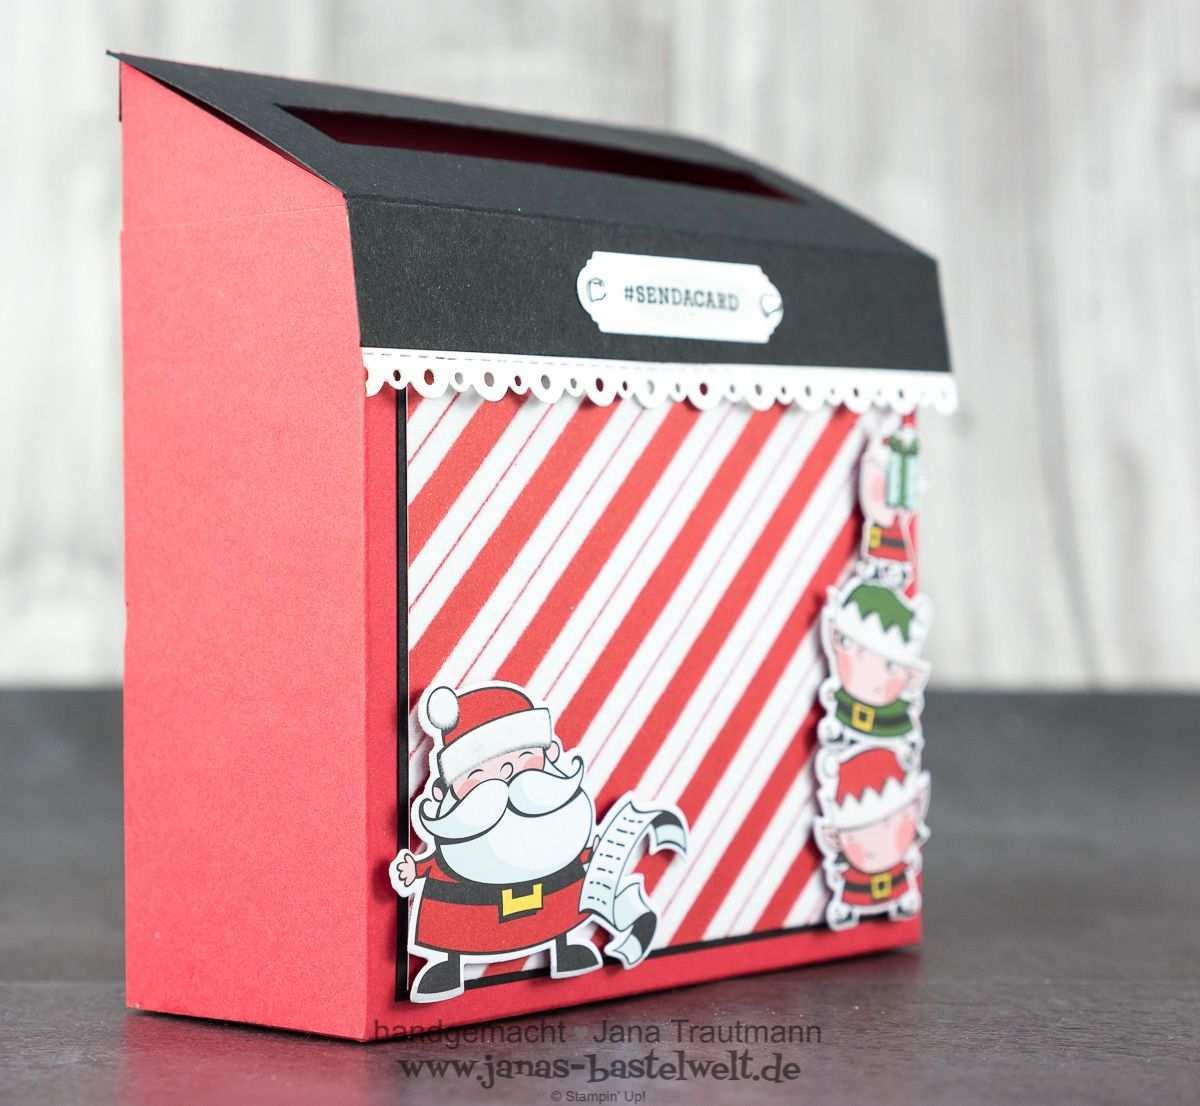 Briefkasten 2 2018 Geldgeschenke Hochzeit Basteln Weihnachtsbuchstaben Kinder Geburtstag Spiele